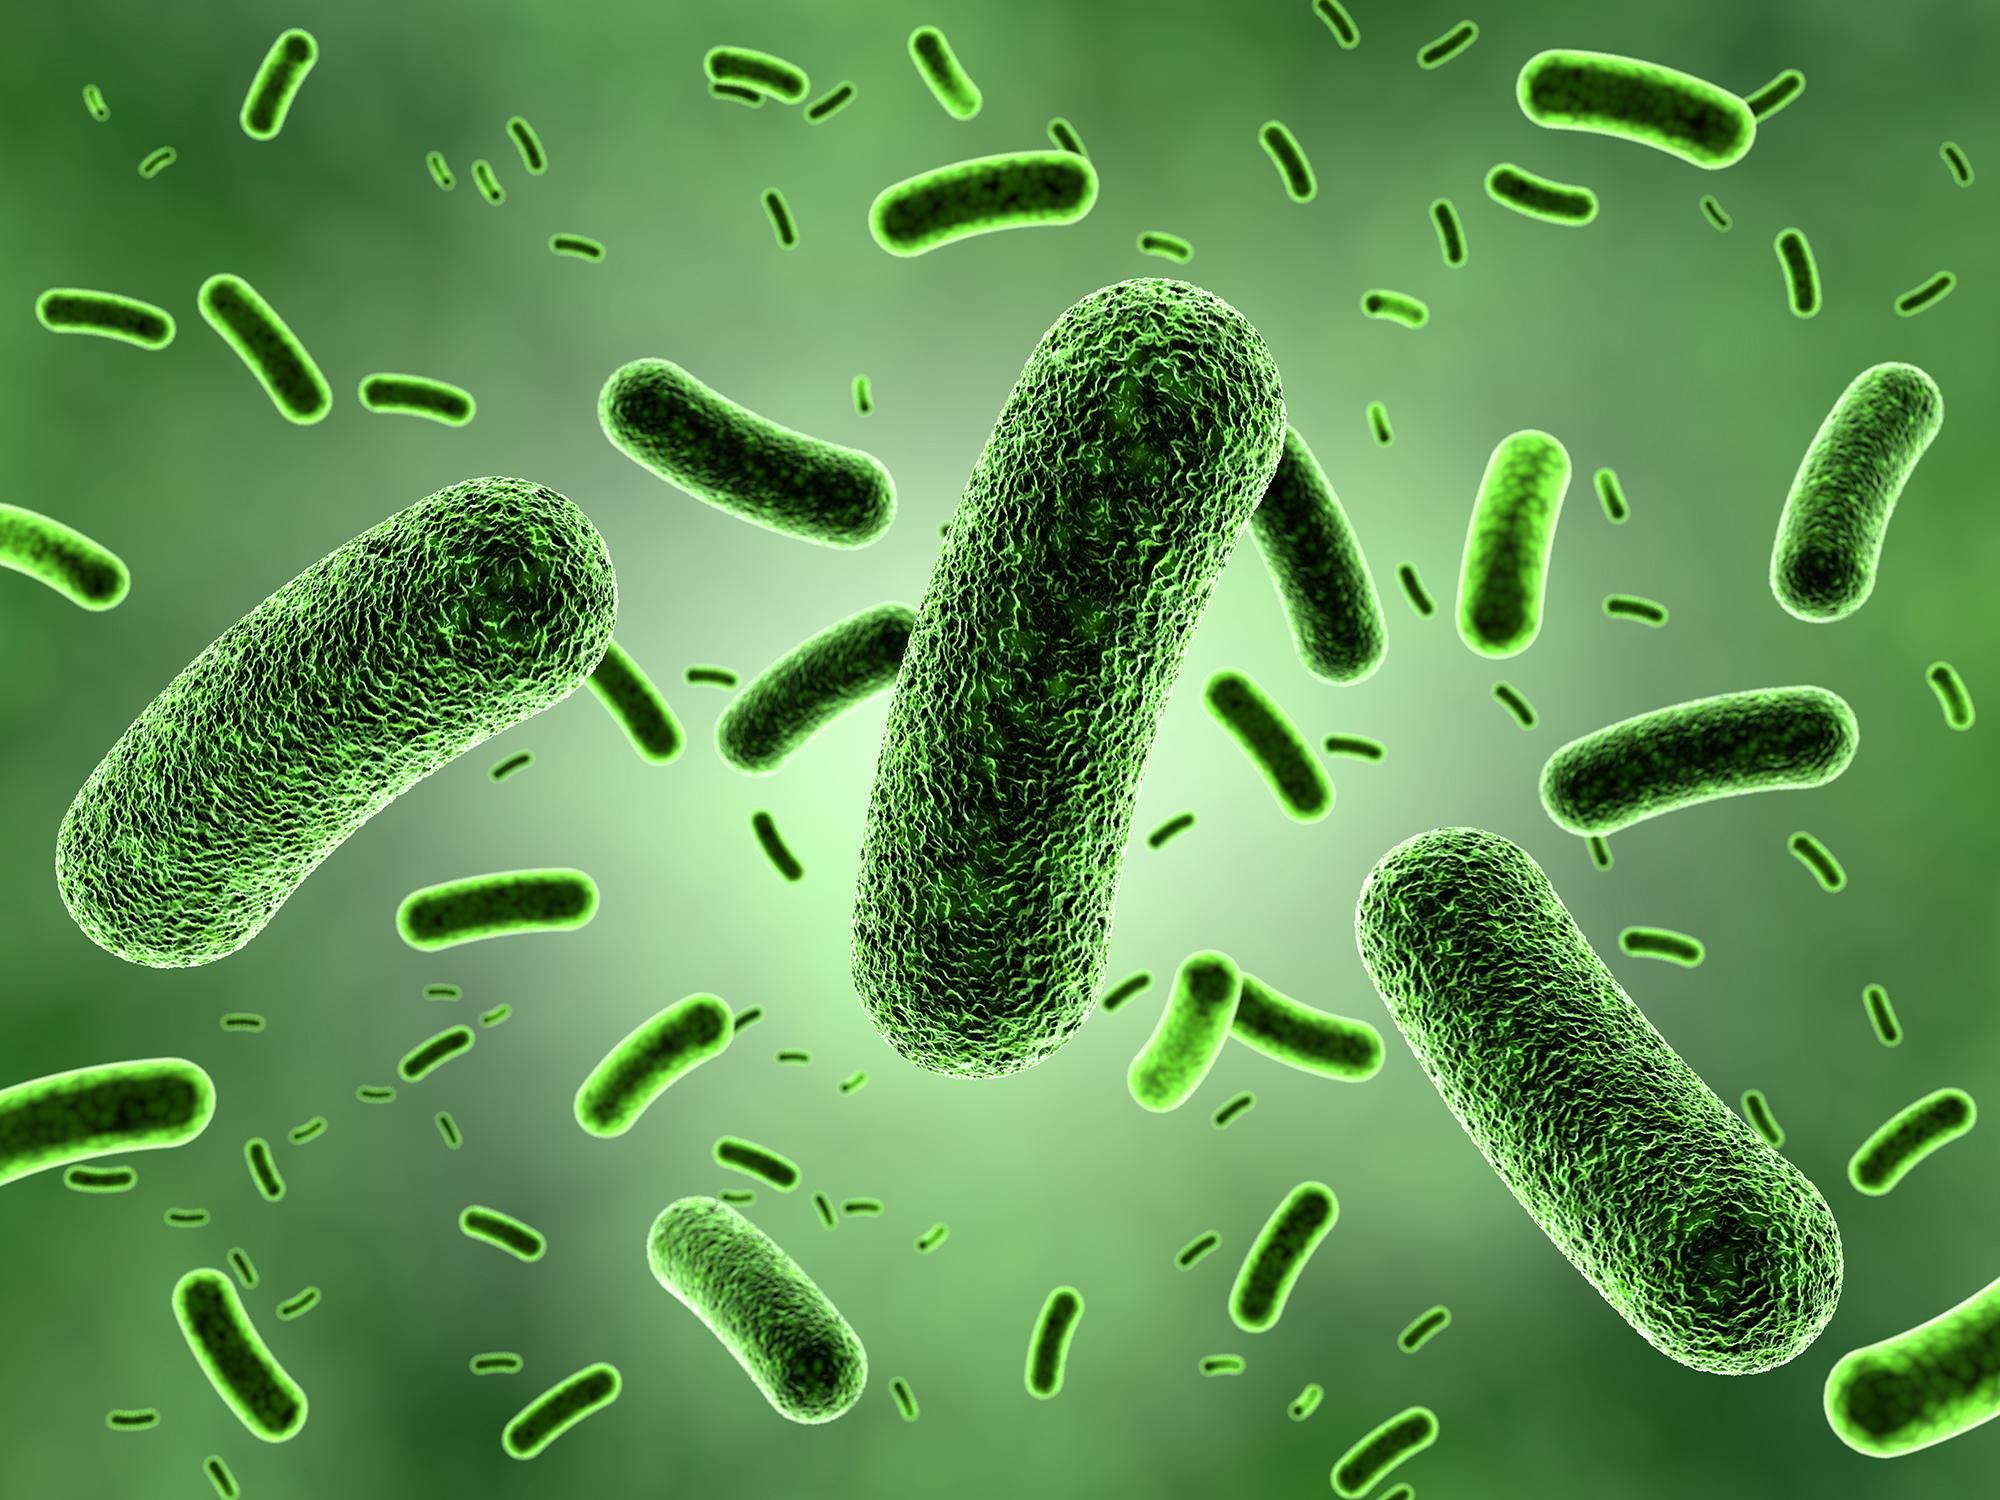 Computergenerierte Nahaufnahme von grünen Bakterien.